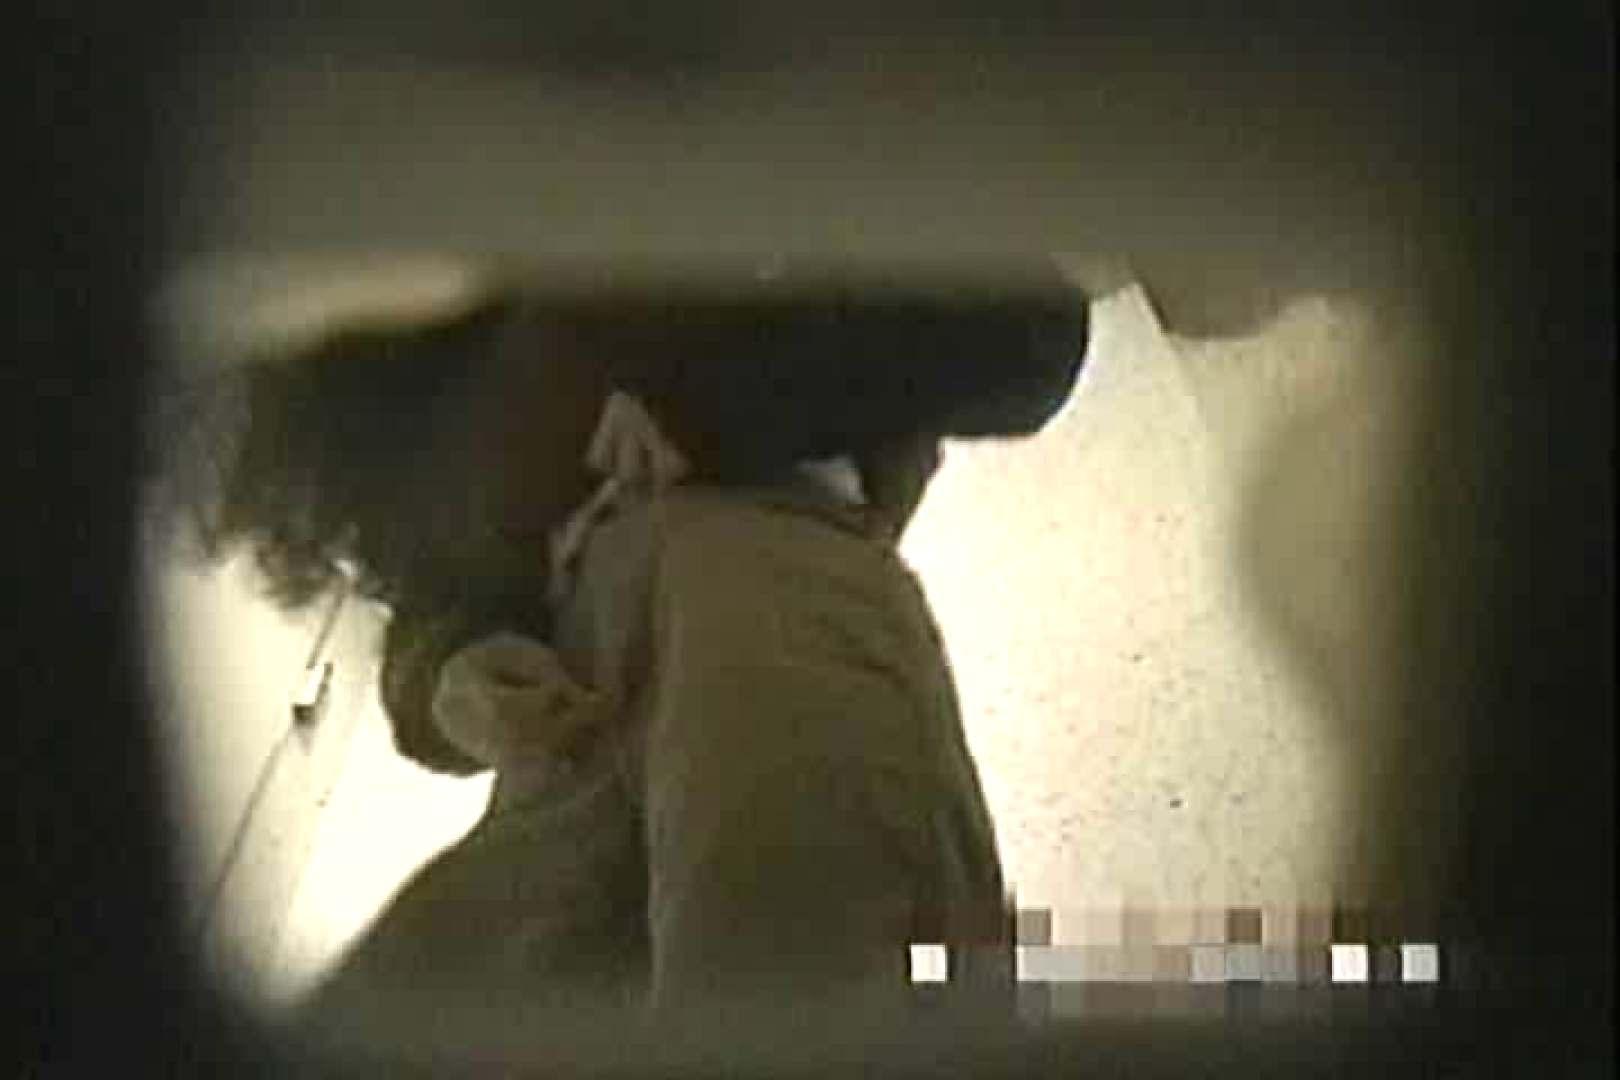 女子洗面所盗撮 今度の2カメは若い子だらけ  TK-127 おまんこ オマンコ動画キャプチャ 73PIX 43